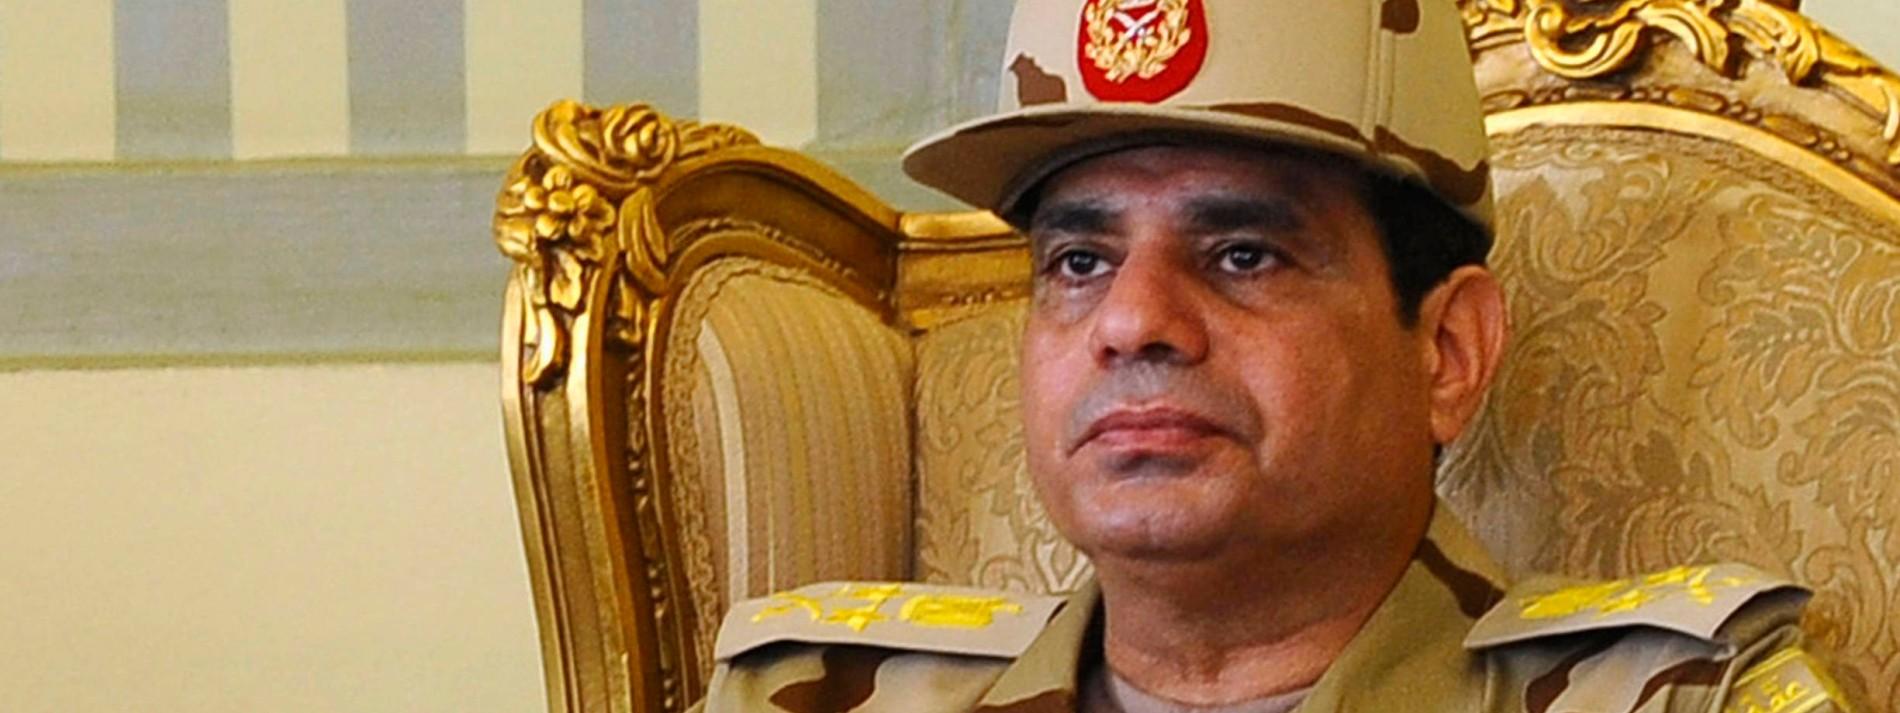 Armee ernennt al Sisi zum Präsidentschaftskandidaten